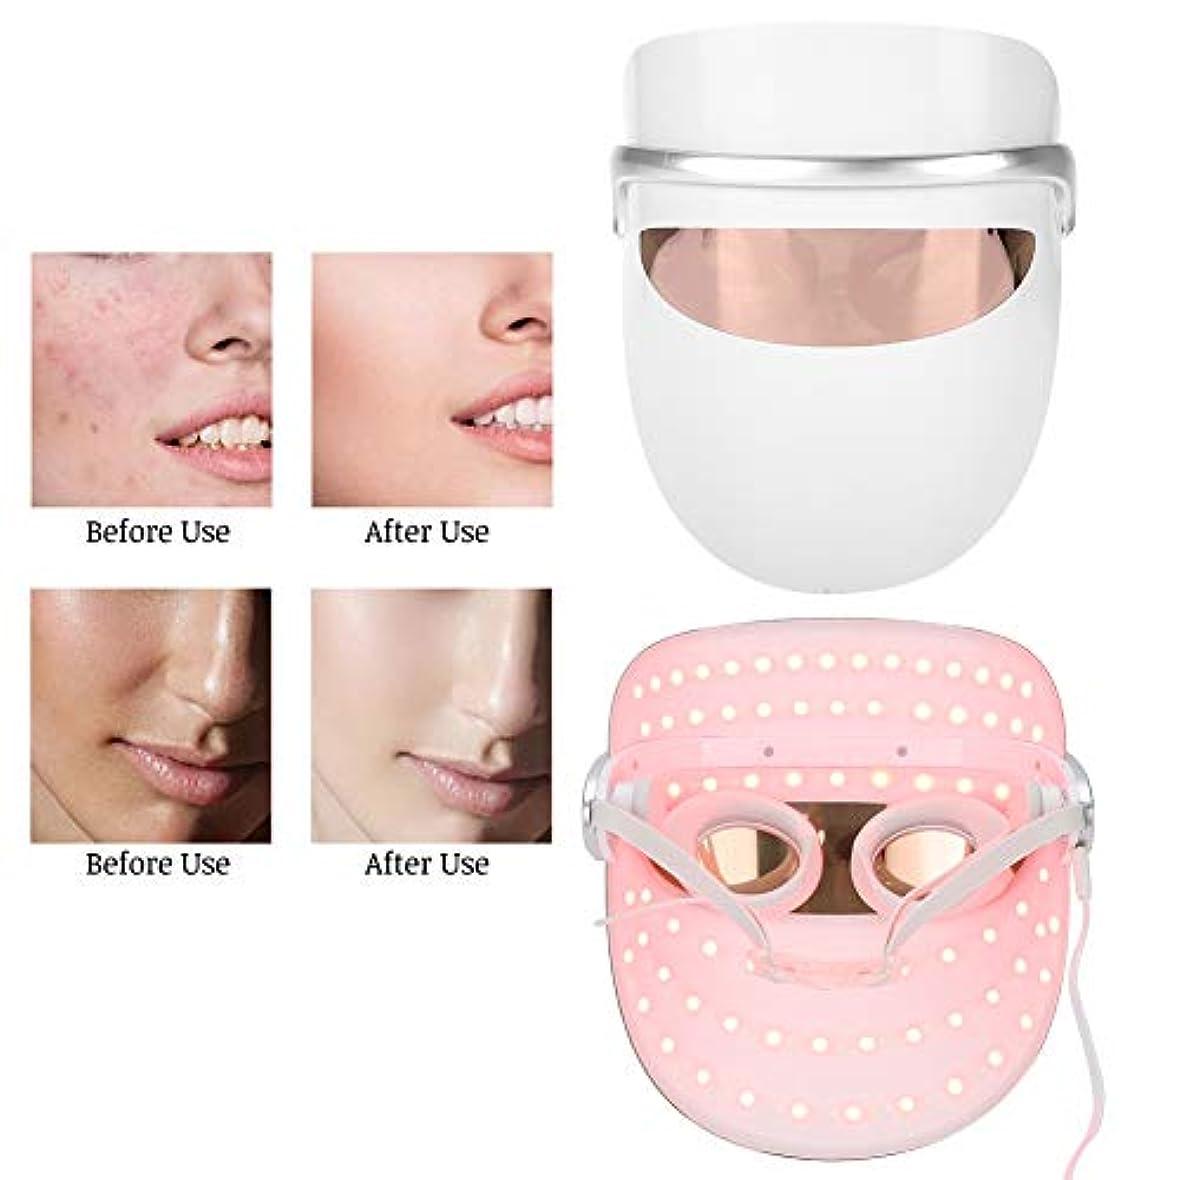 肉のアラブカポック皮の若返りLED装置、3色LEDライト顔のスキンケアの美装置、反老化はフェイスマスクを明るくします